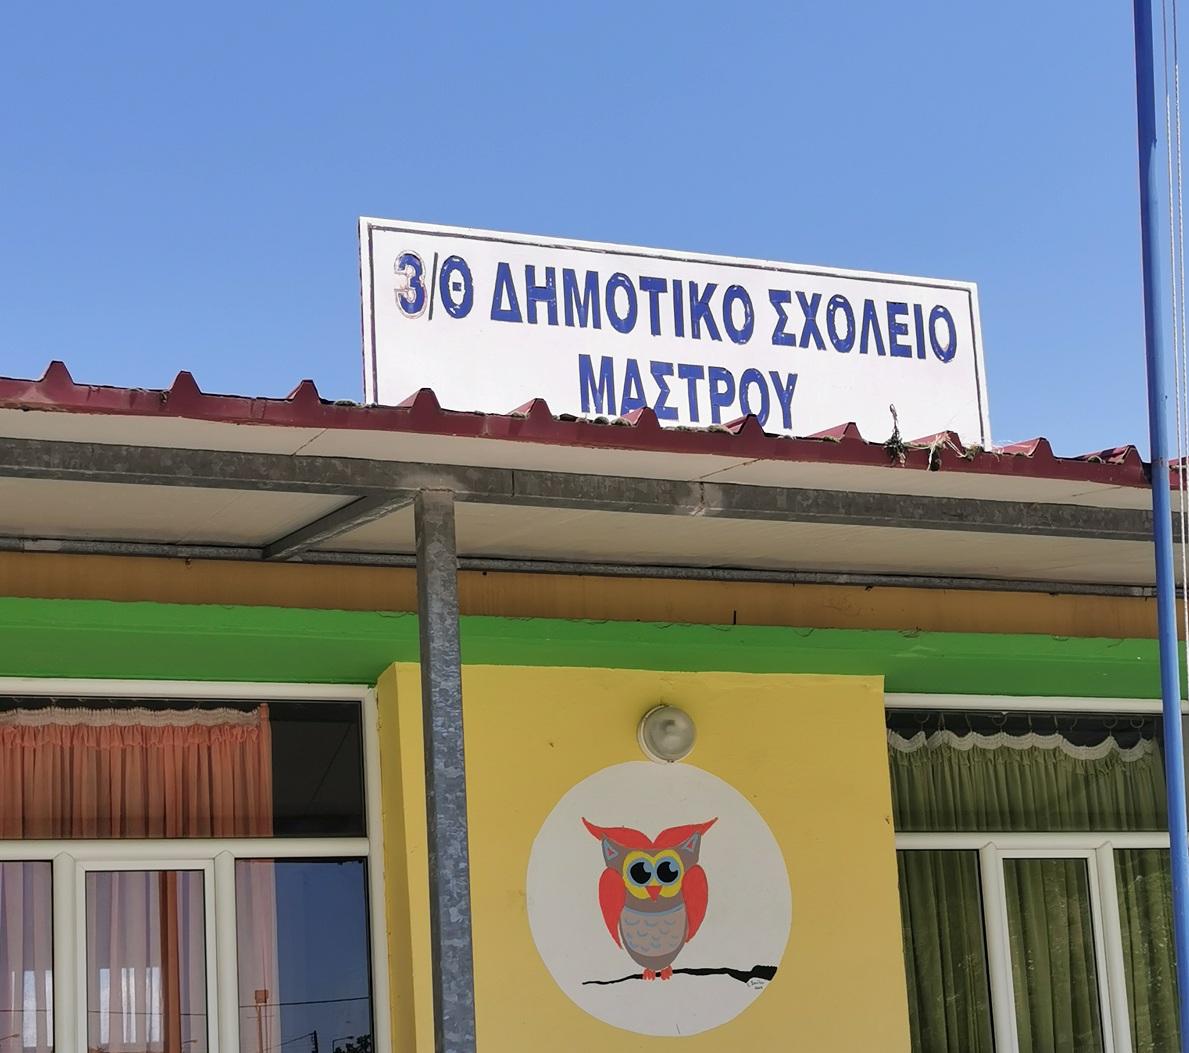 Διαμαρτυρία στο Μάστρο για το κλείσιμο του Δημοτικού Σχολείου